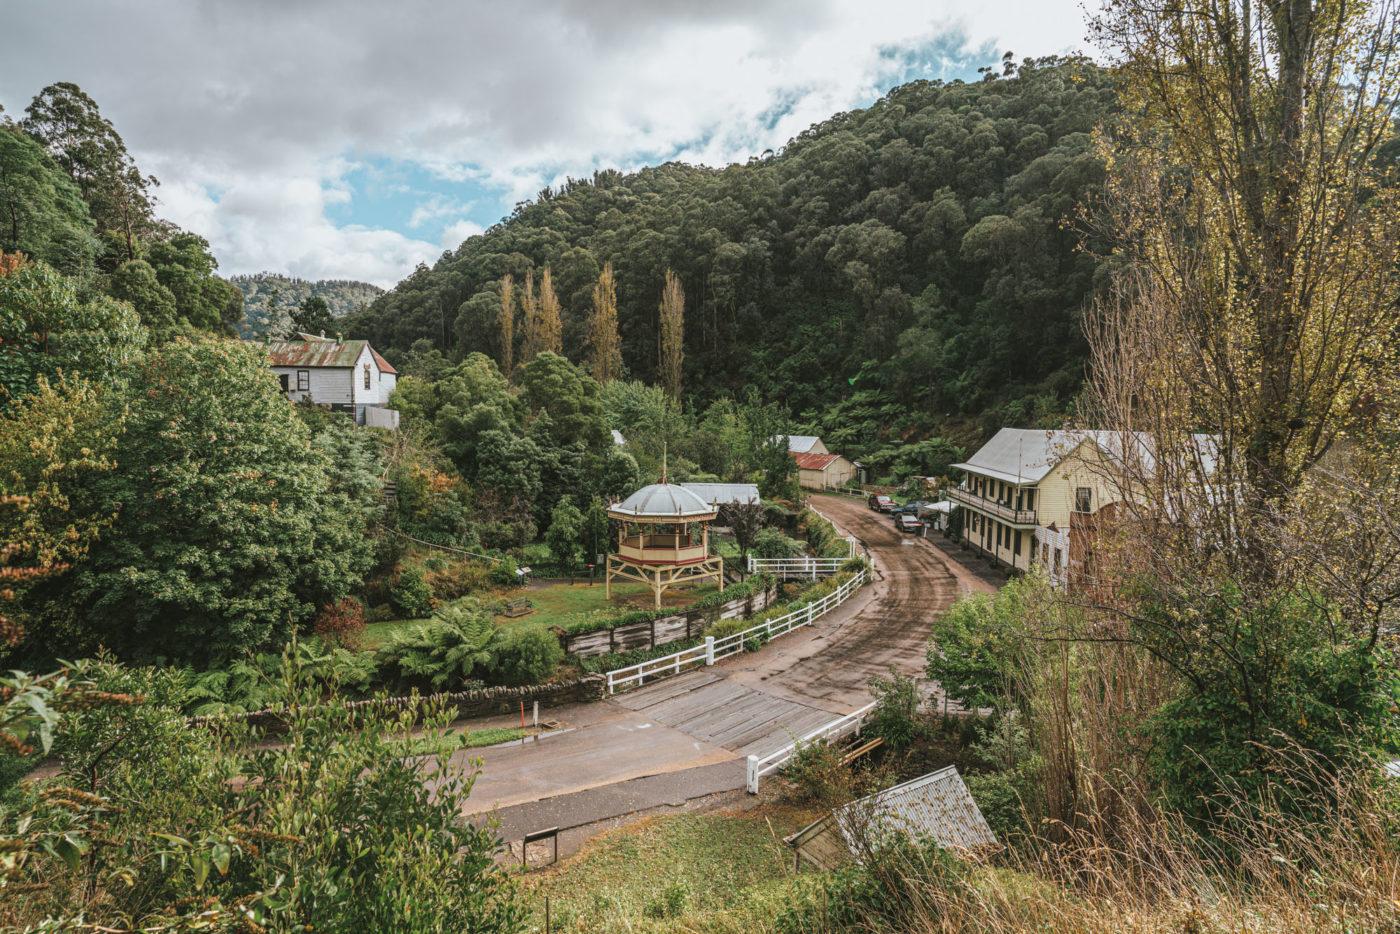 Walhalla, Victoria, Sydney to Melbourne drive